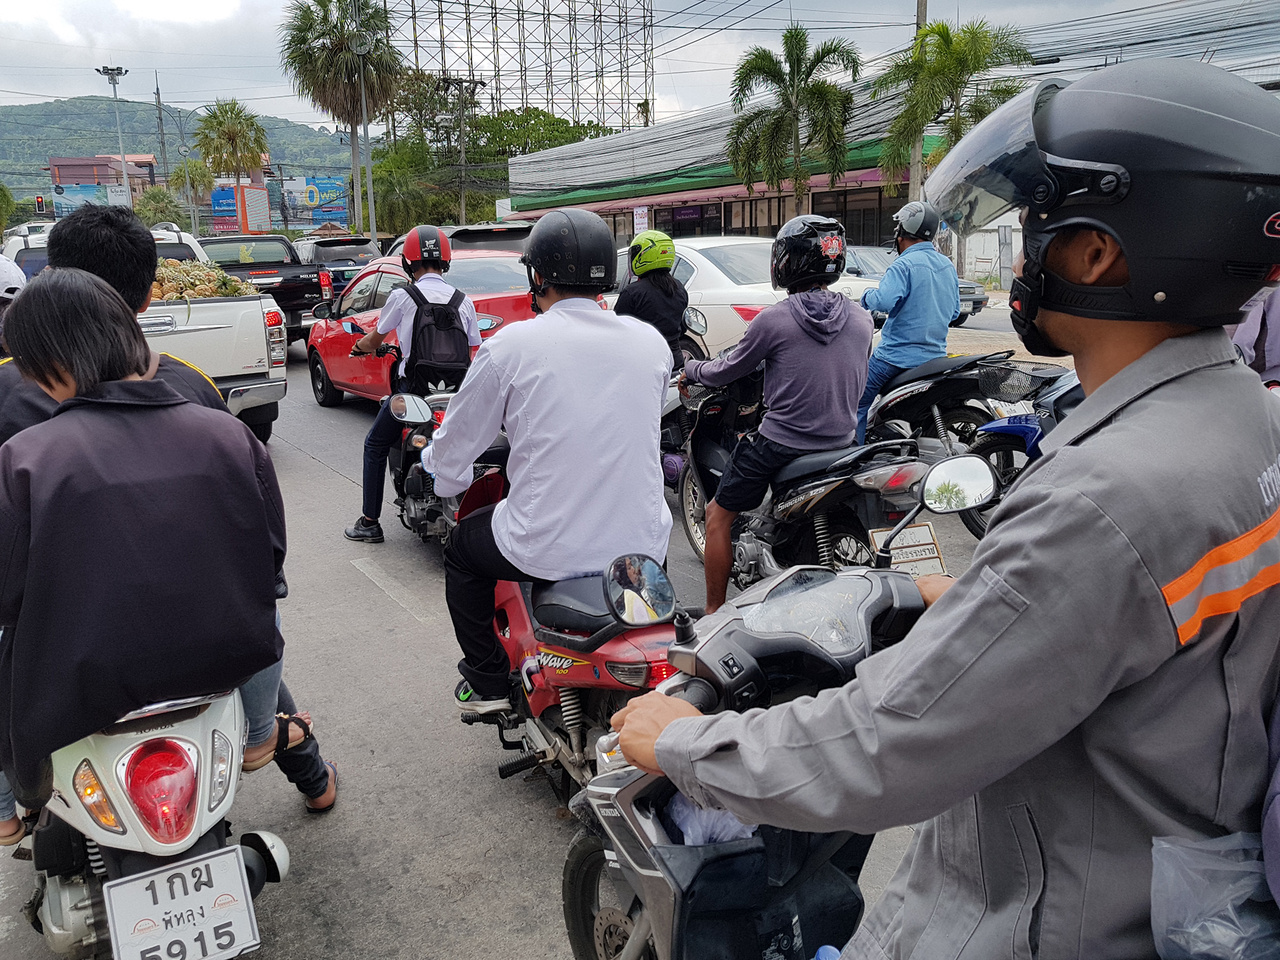 Ilyen kaland robogózni Phuket belvárosában. A sávok száma csupán ajánlás, ahányan elférnek, annyian fel is sorakoznak a rajtrácsra a piros lámpáknál, nem csupán motorral, sokszor autóval is. Bár elsőre életveszélynek tűnik, mégis folyamatosan biztonságban éreztem magamat két hét alatt, többszáz kilométert levezetve ebben az őrületben. Ennek ellenére nem szabad figyelmen kívül hagyni, hogy a világon a legveszélyesebb ország a motorozás szempontjából Thaiföld. Naponta átlagosan 15-en halnak meg közúti balesetben motoron ülve, az összes baleset több, mint 70%-ában motorosok is résztvevők